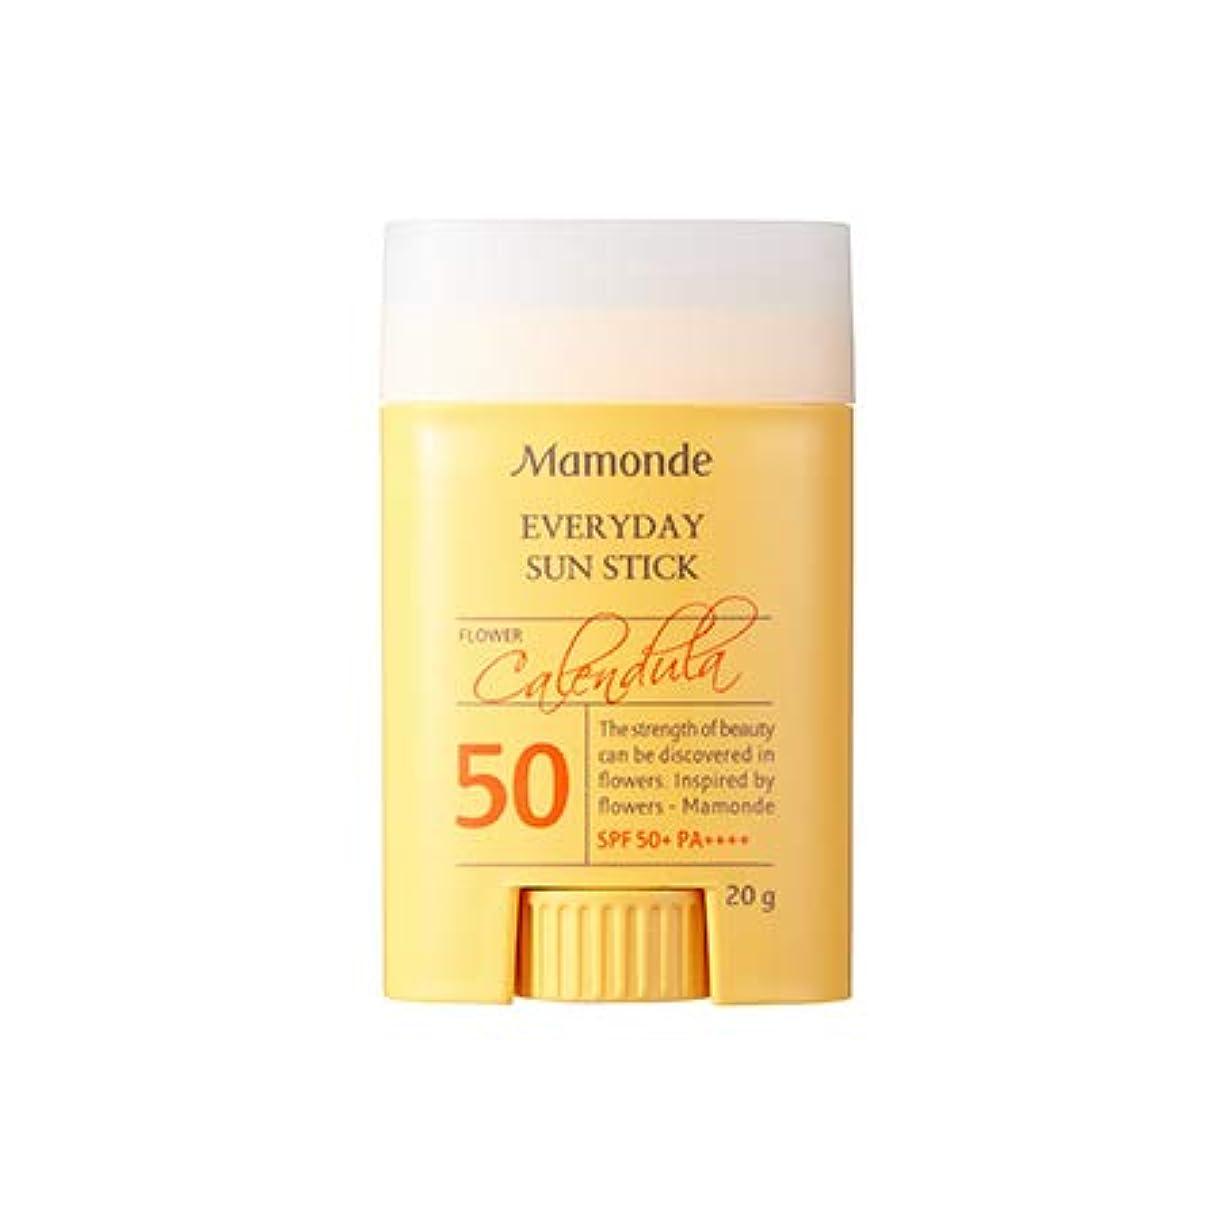 分泌する容疑者特徴Mamonde Everyday Sun Stick 20g マモンド エブリデーサンスティック (SPF50+/PA++++) [並行輸入品]